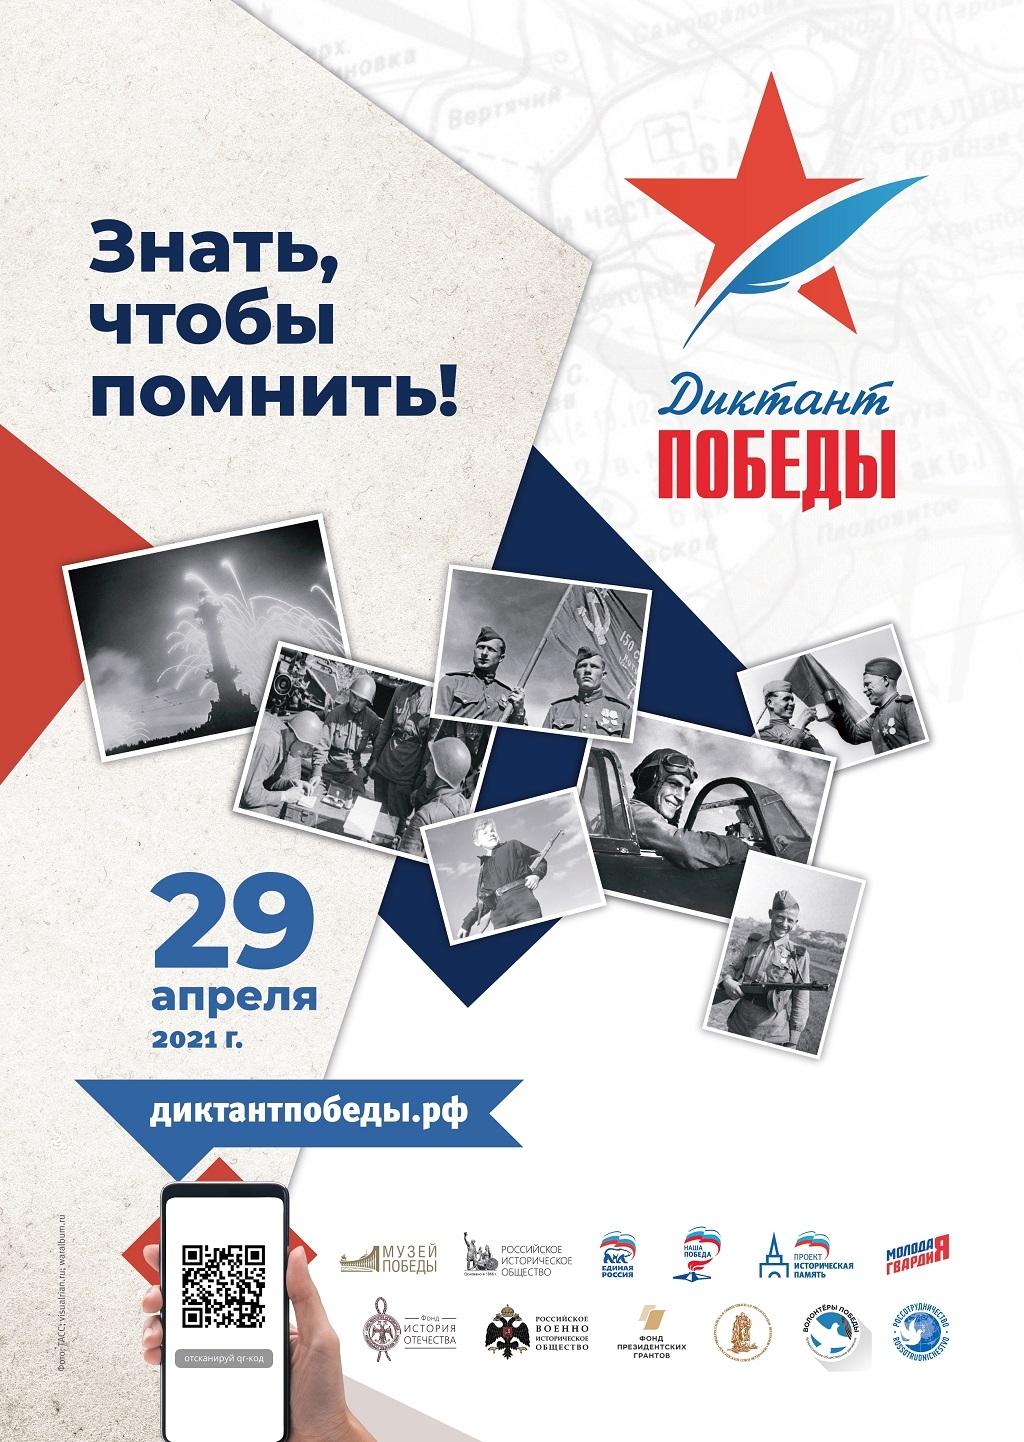 Музей Норильска впервые присоединится к акции «Диктант Победы»